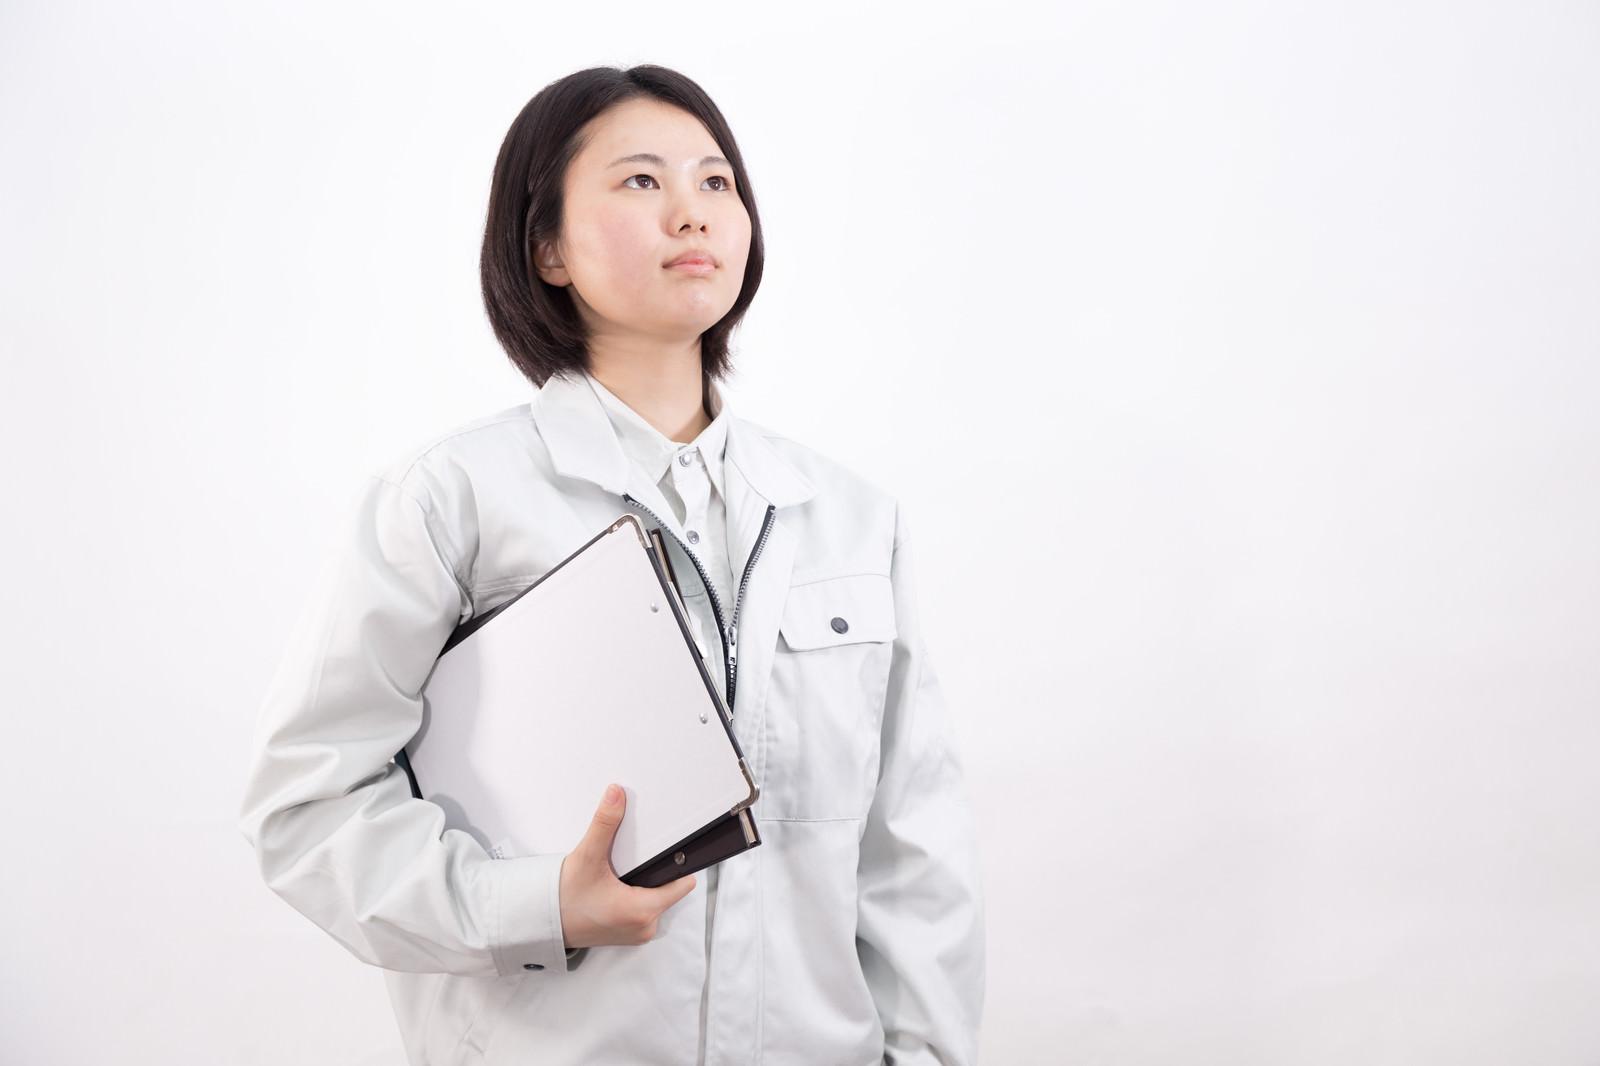 「ファイルを持った女性作業員」の写真[モデル:佐竹PP]